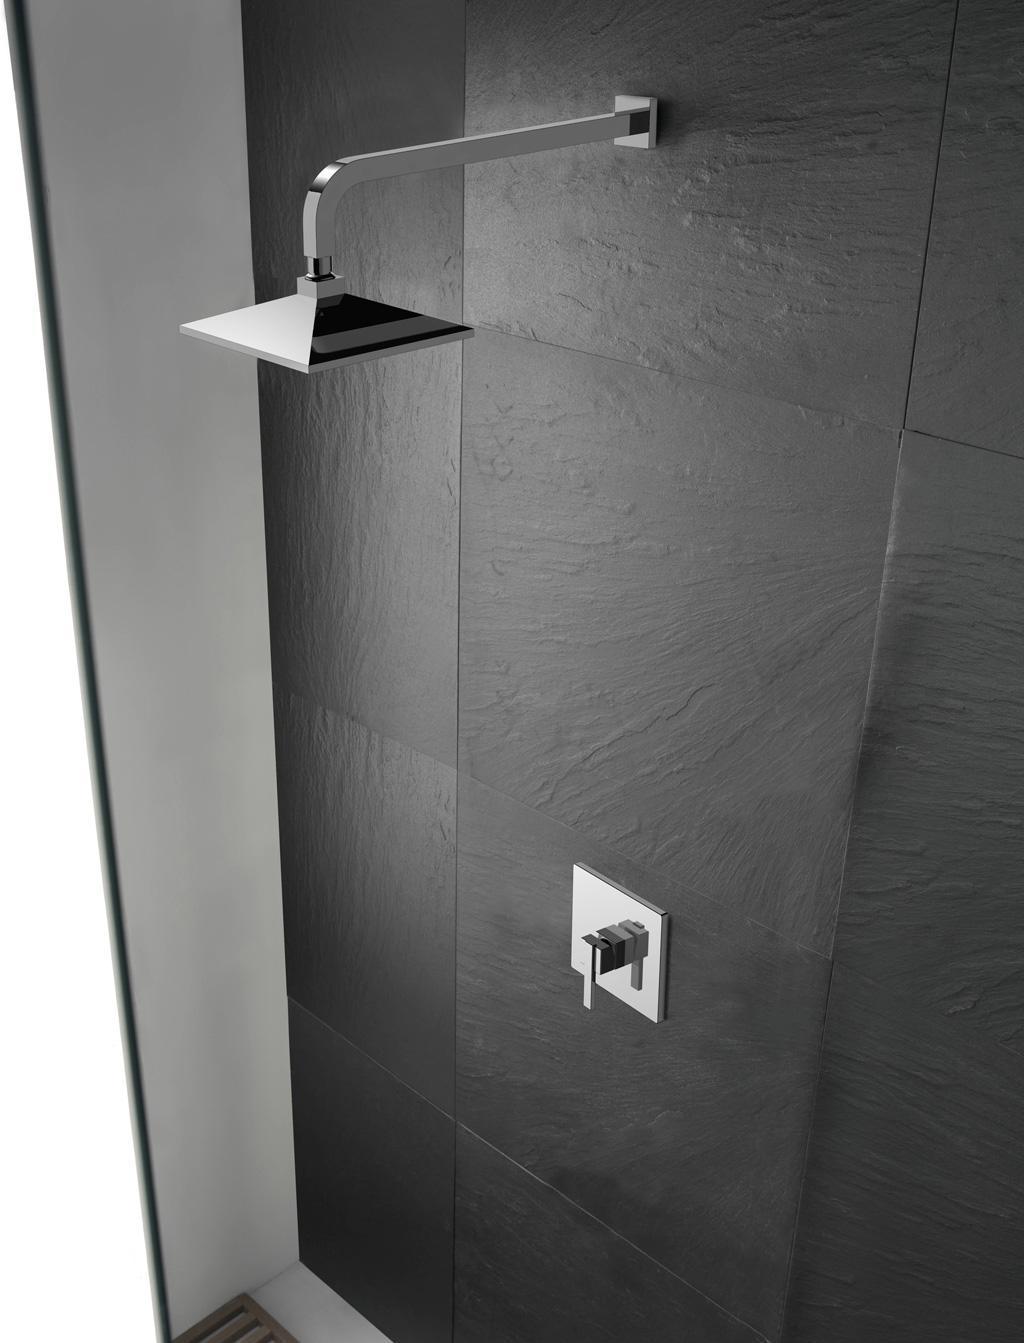 德立暗装方形单功能淋浴花洒A061105